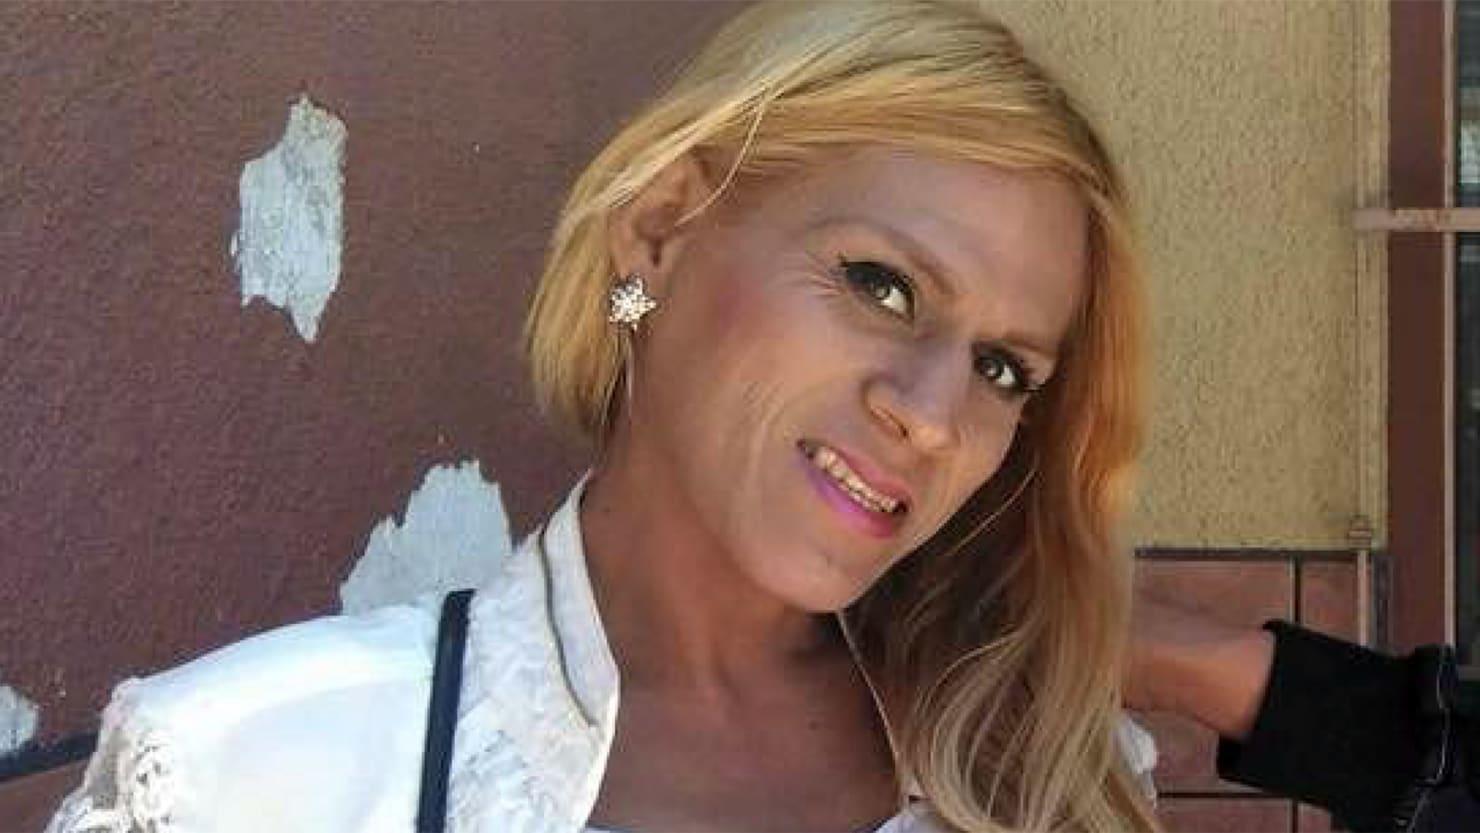 Trans Woman Was Beaten in ICE Custody Before Death, Autopsy Finds 181126-bixby-ice-detaniee-tease_fz1cm1